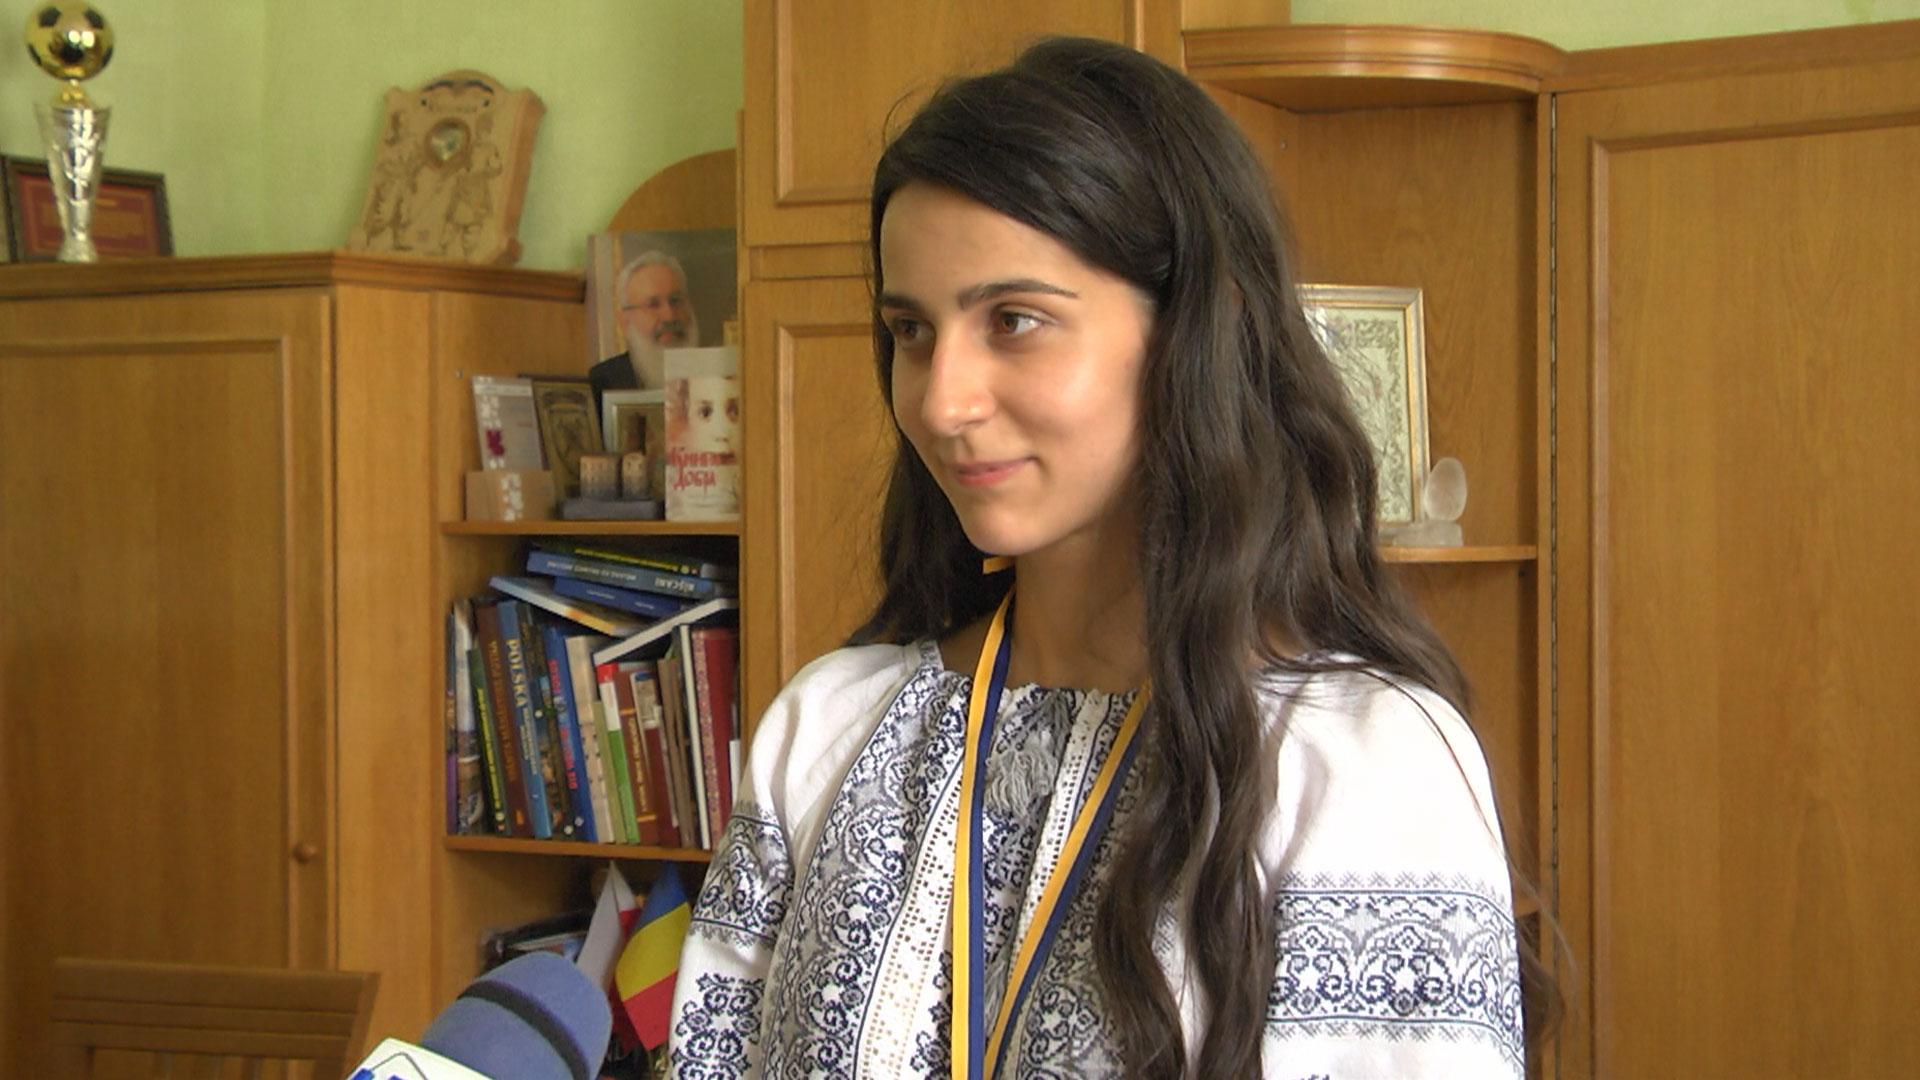 200 балів: випускниця з Коломиї отримала на ЗНО з біології максимальний результат (ВІДЕО)